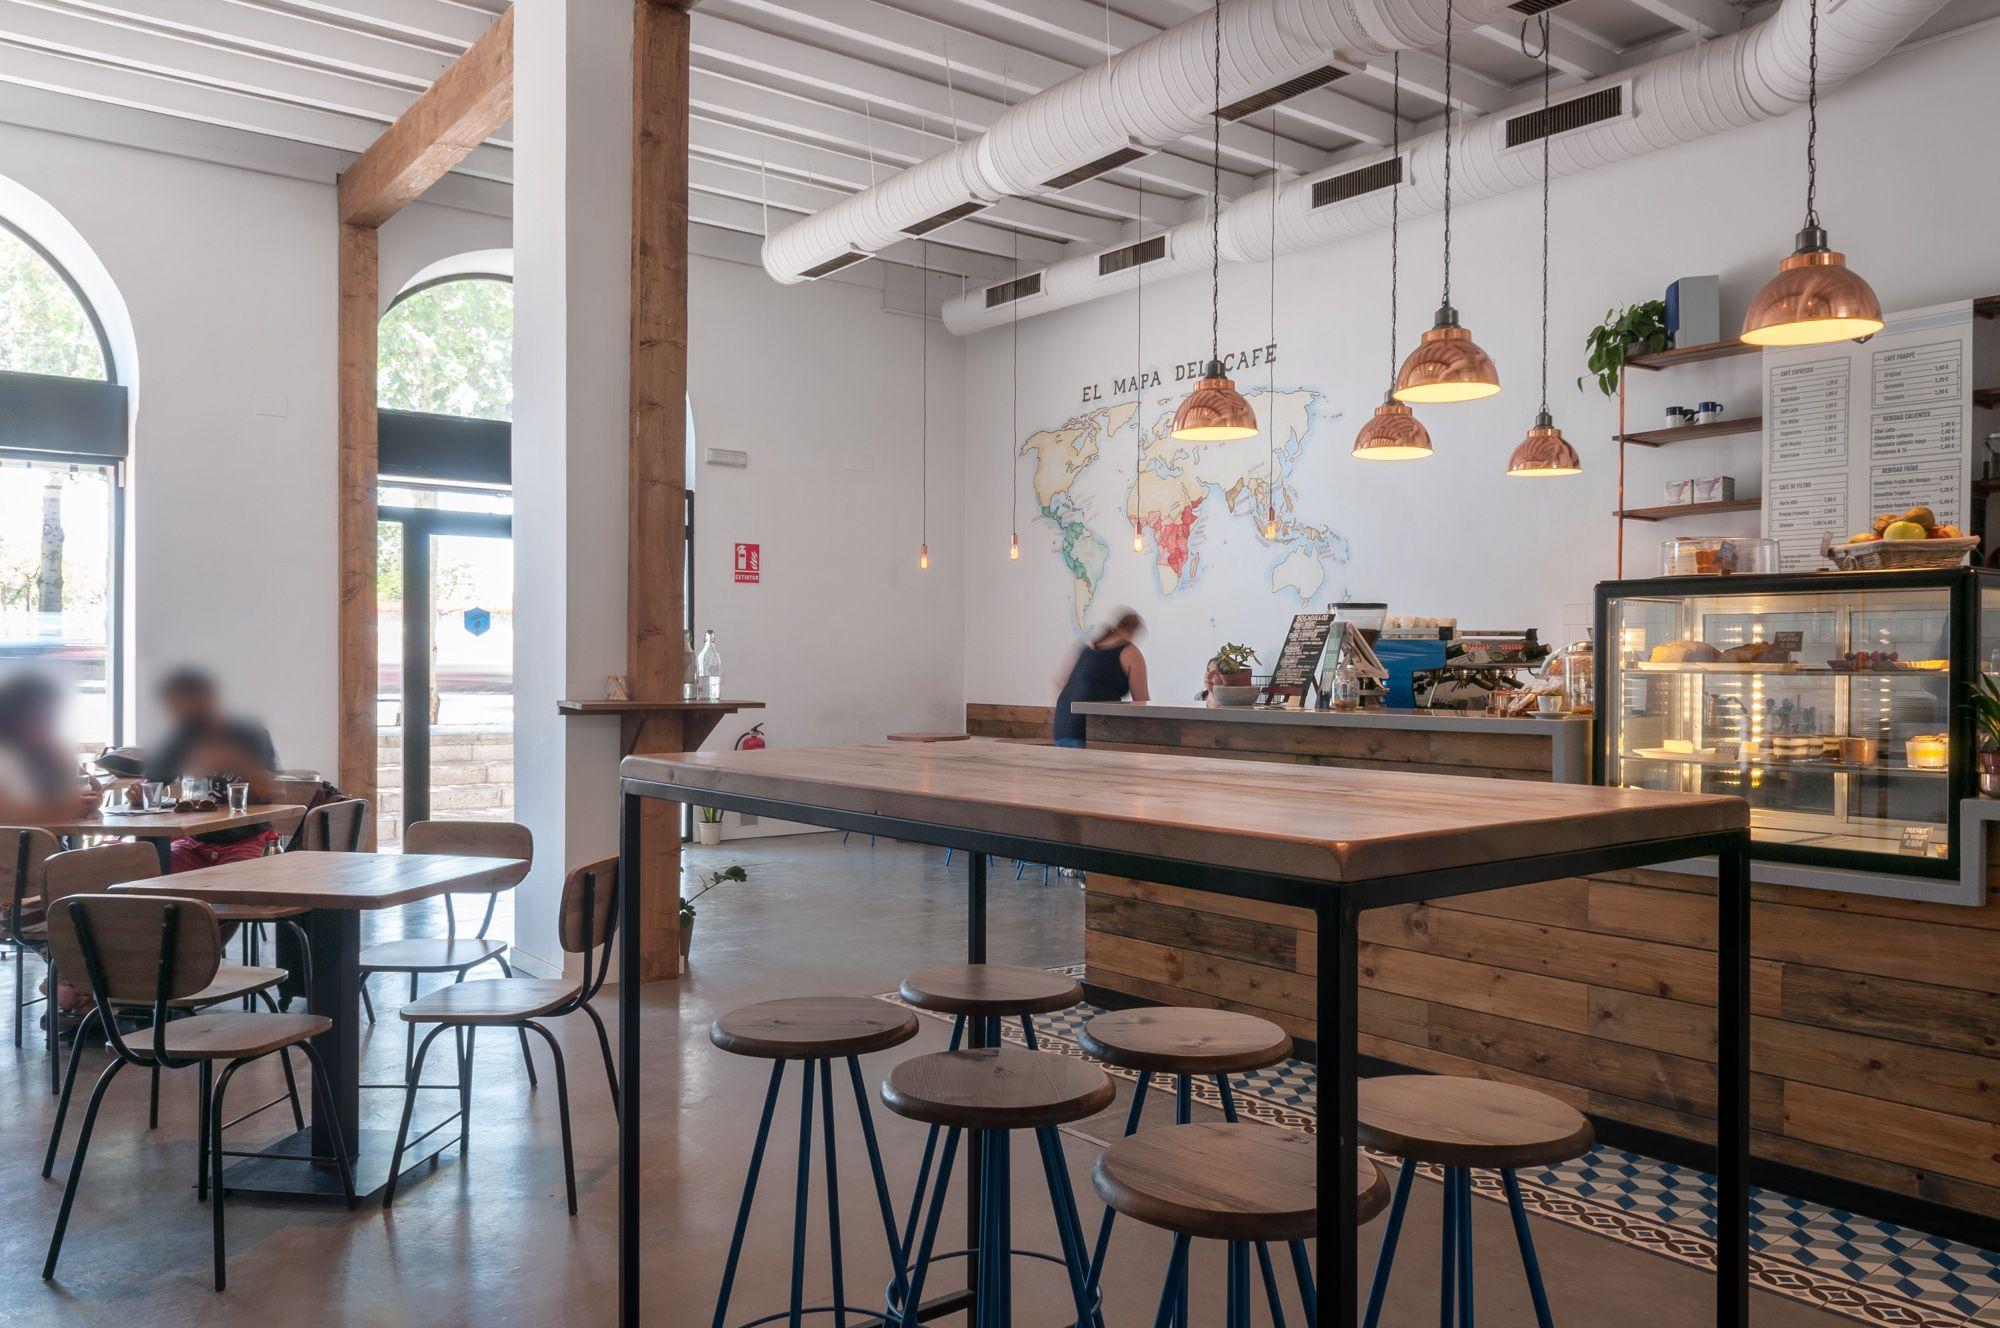 Torch coffee un nuevo establecimiento que hace del caf el mejor producto gourmet decoraci n - Muebles decoracion sevilla ...